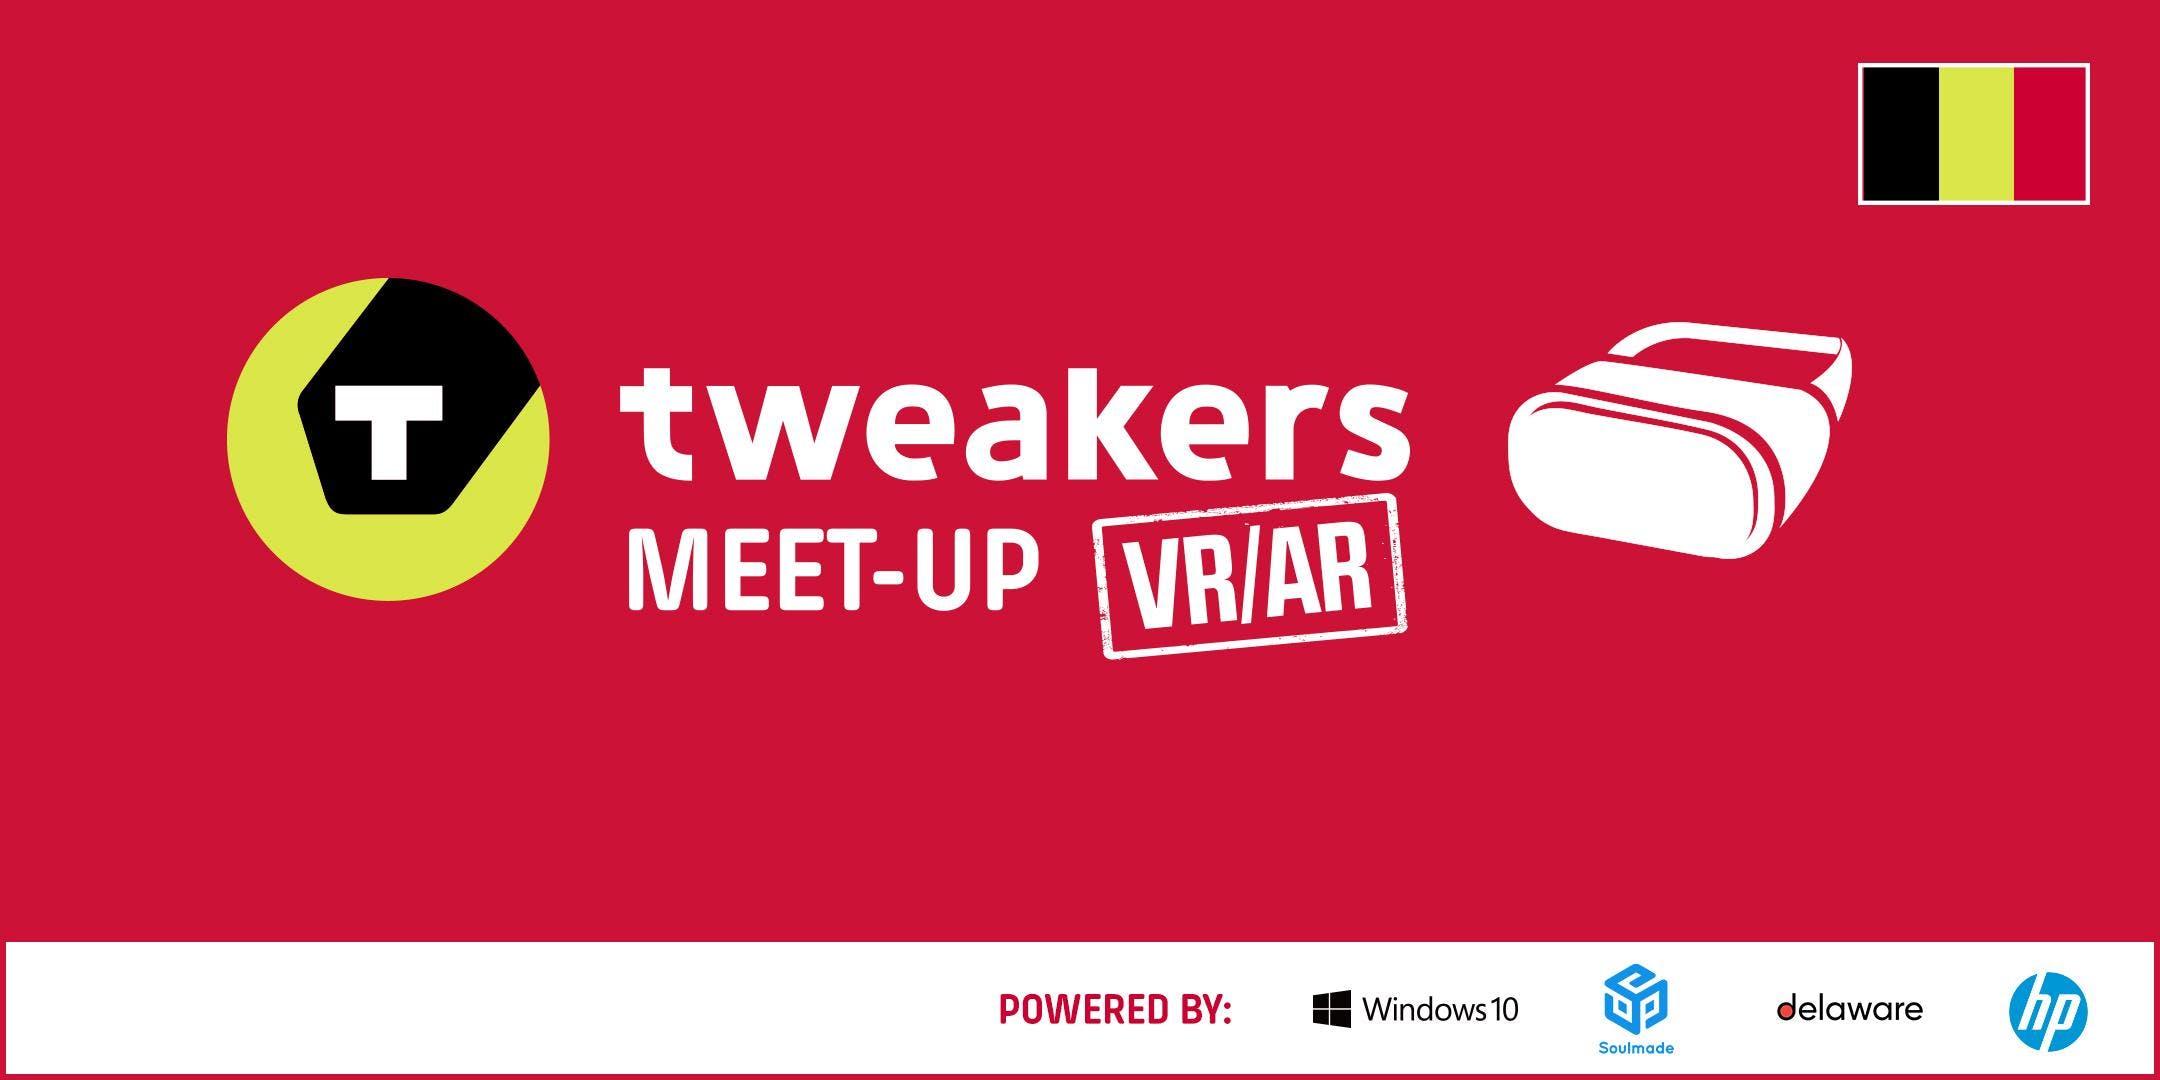 Tweakers Meet-up BE: VR/AR